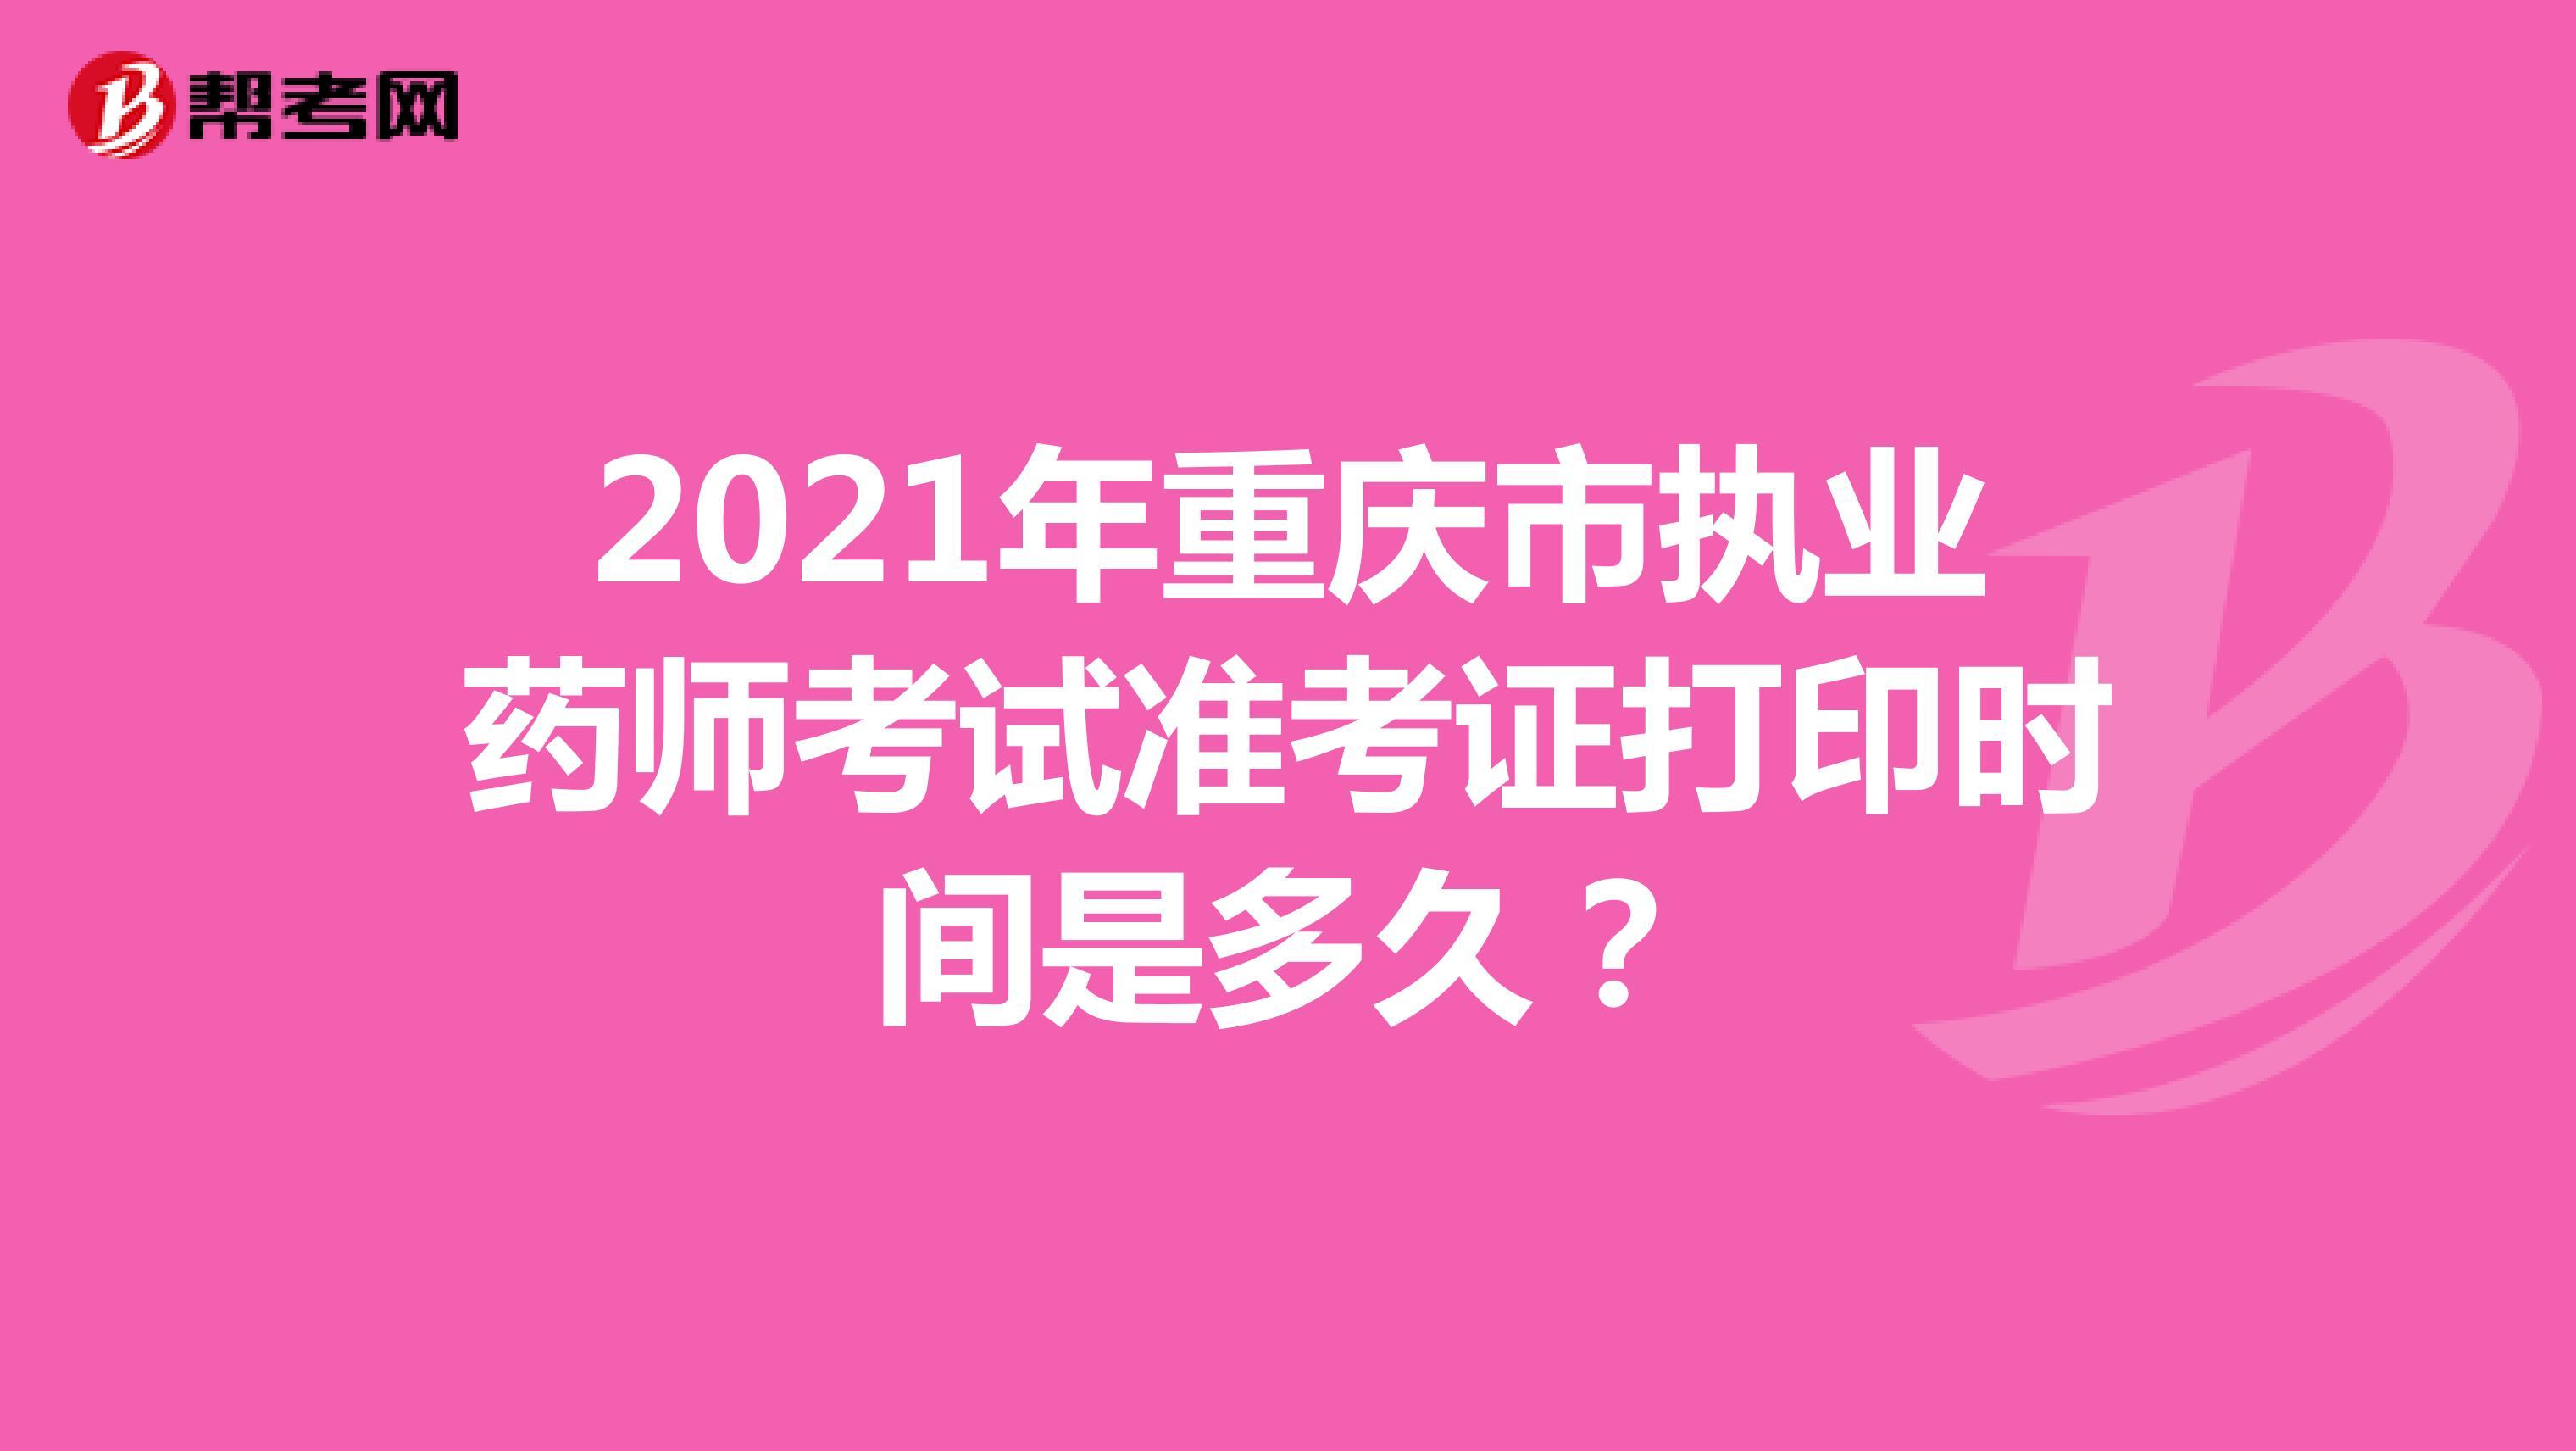 2021年重庆市执业药师考试准考证打印时间是多久?